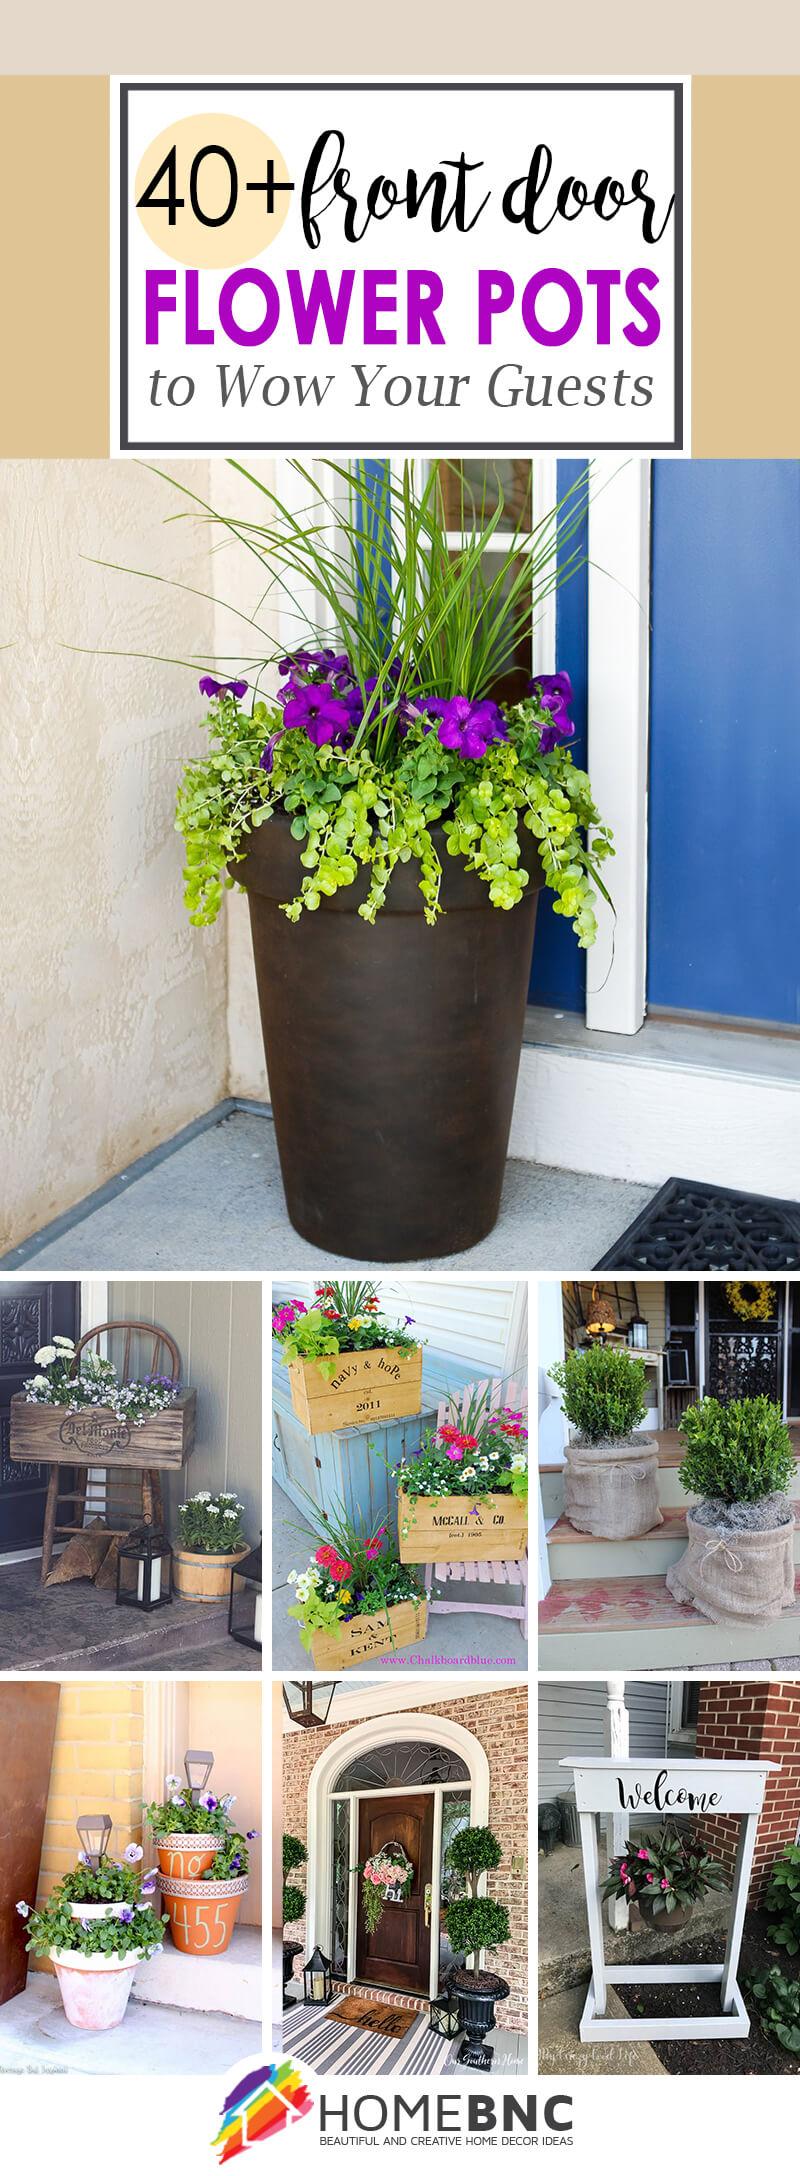 40 Best Front Door Flower Pots Ideas And Designs For 2021